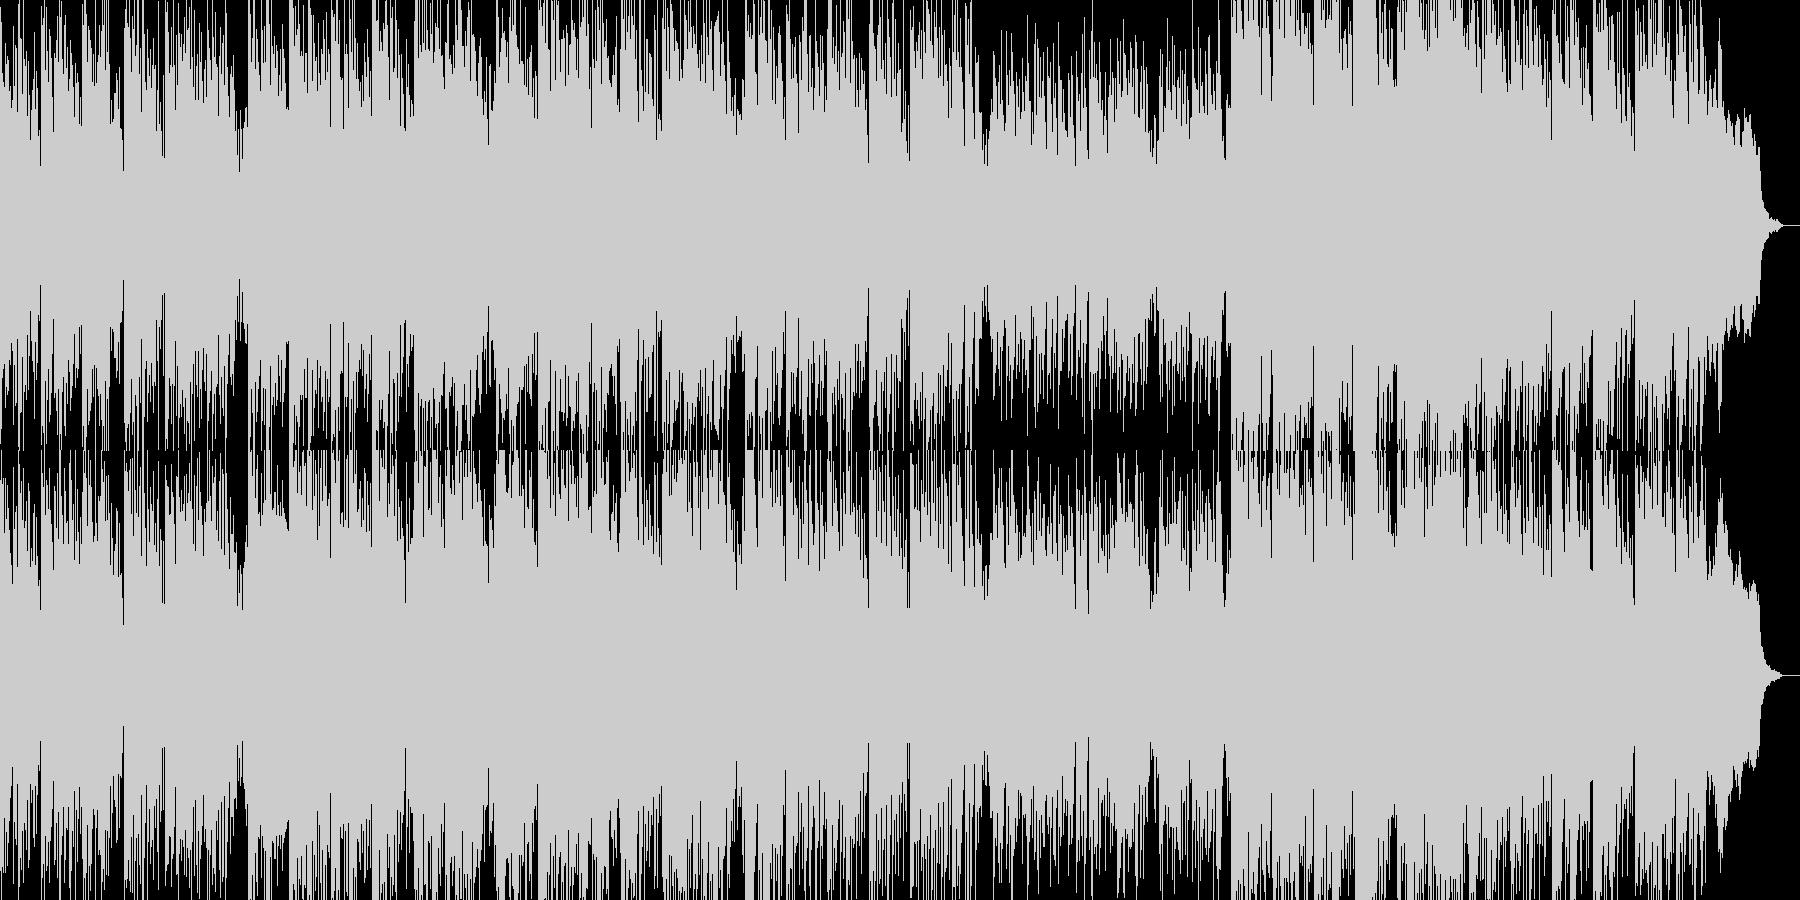 和の感じとアップデート曲の未再生の波形